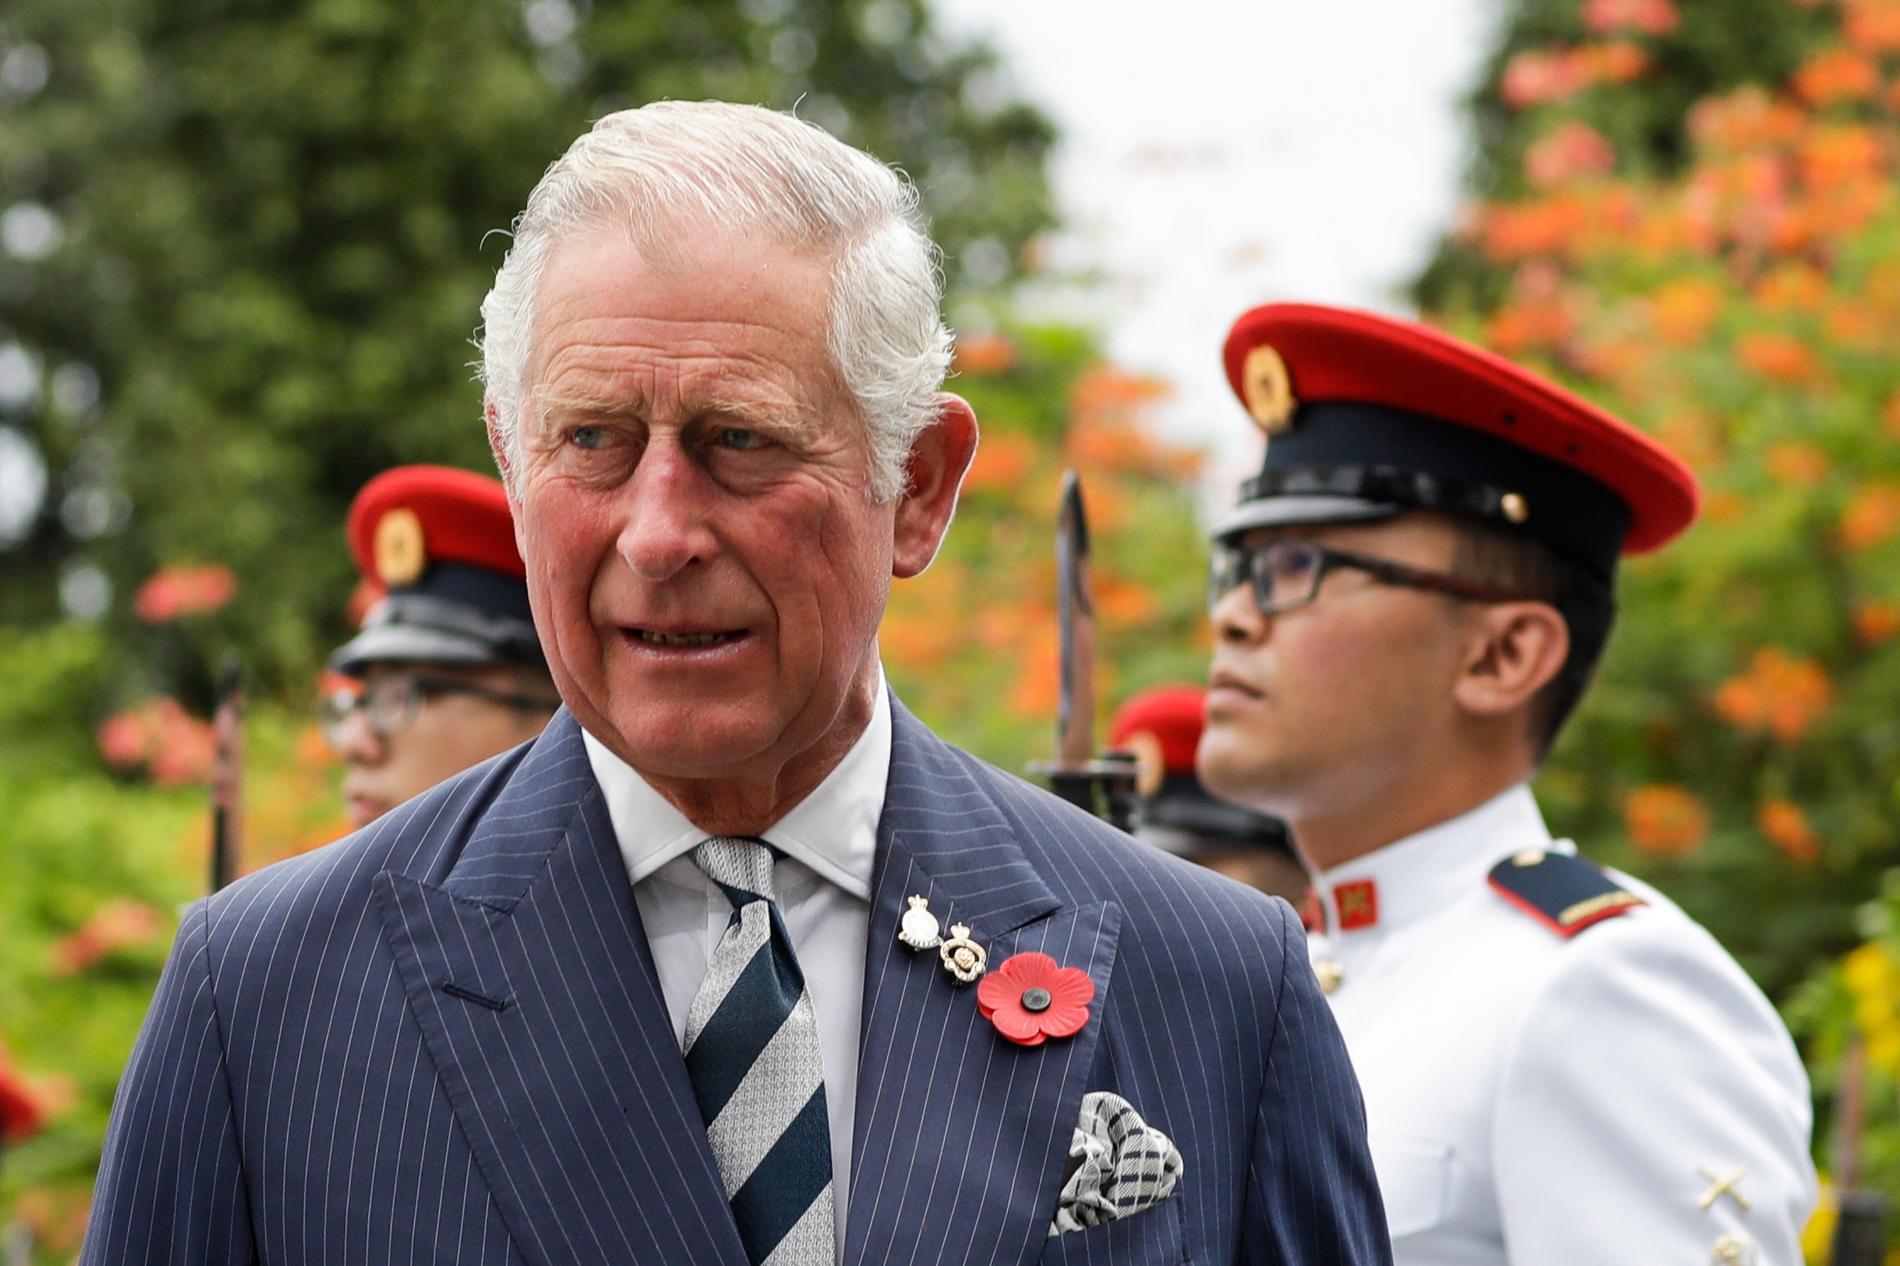 Prins Harry sa att hans pappa, prins Charles, slutade svara på hans samtal.